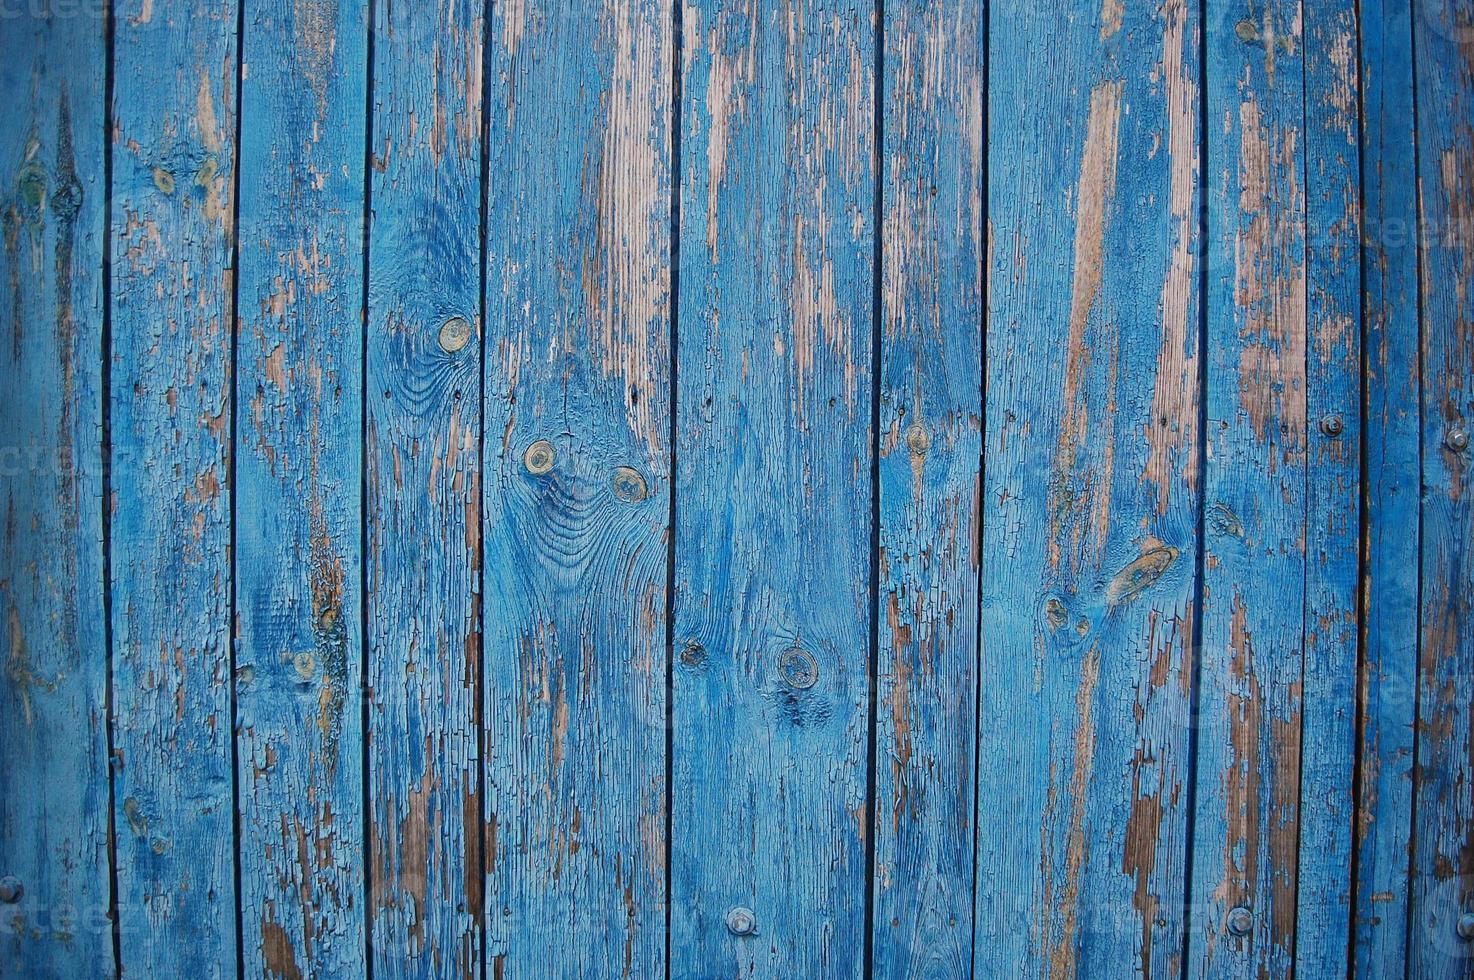 tablones de madera en mal estado foto